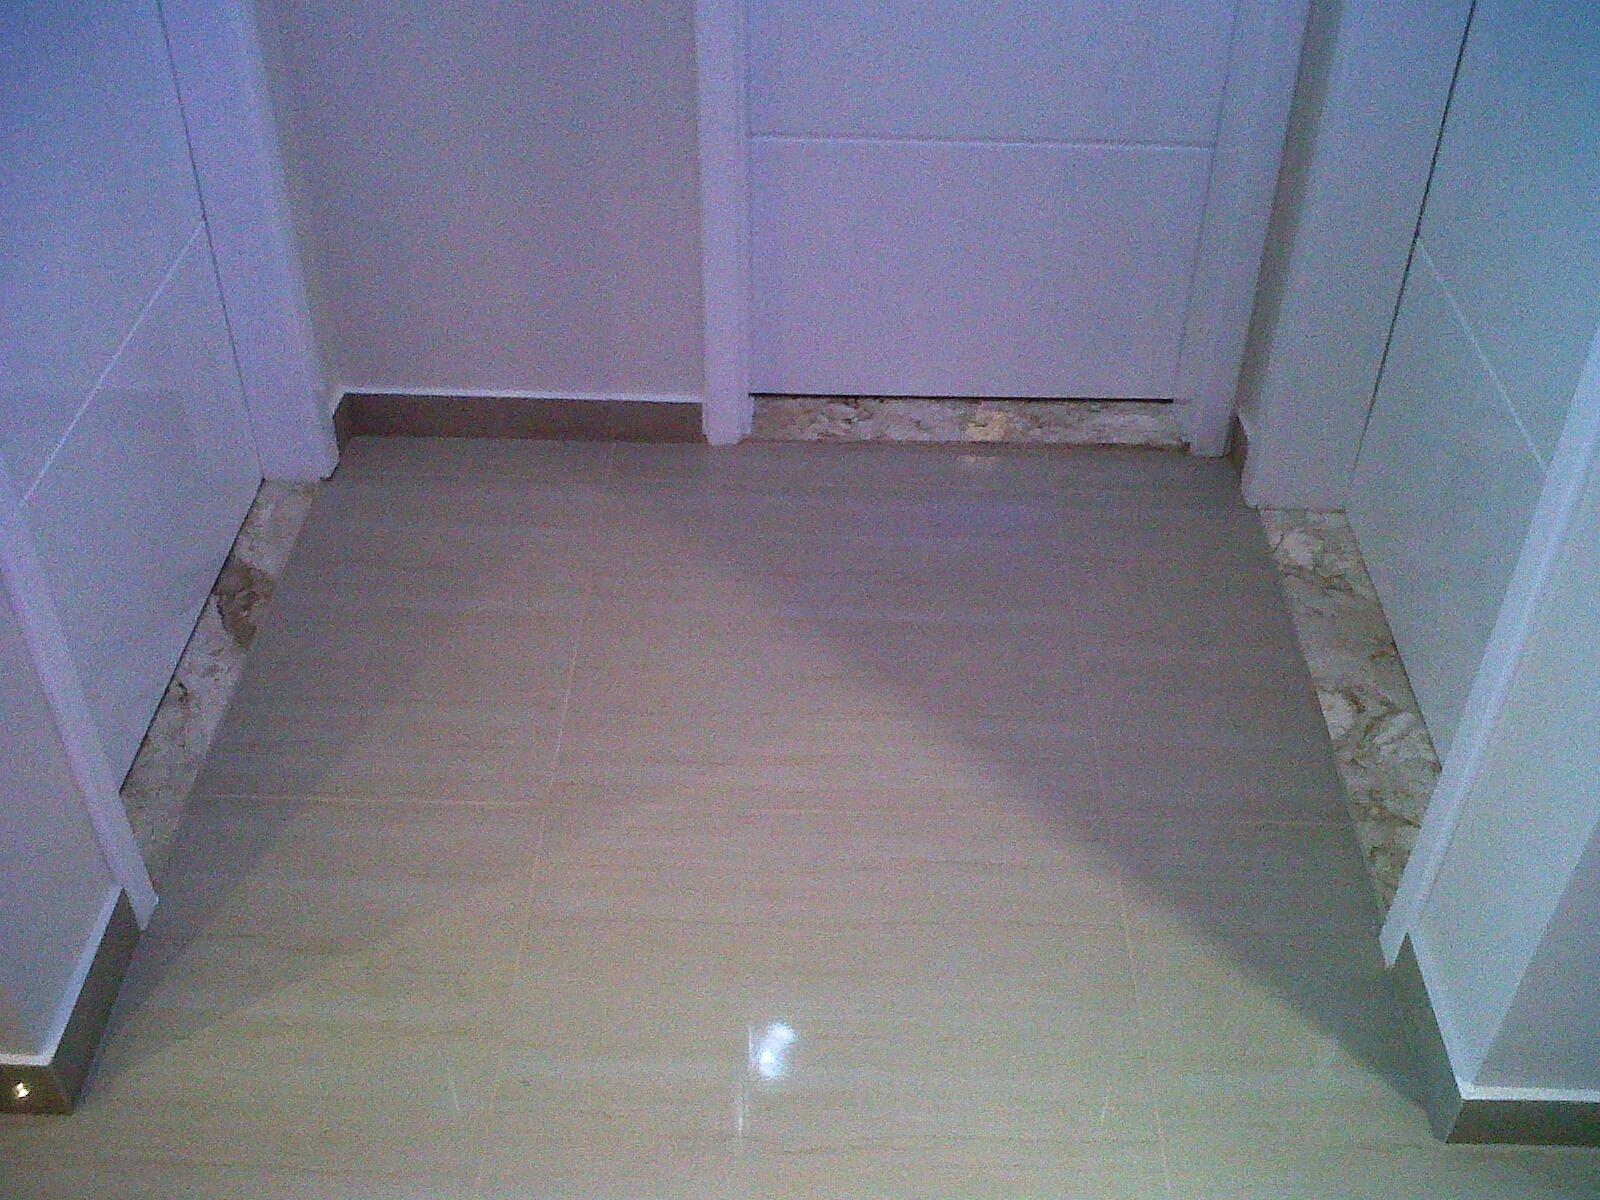 Olhem ai como esta minha sala  #496982 1600x1200 Banheiro Com Pia Bege Bahia